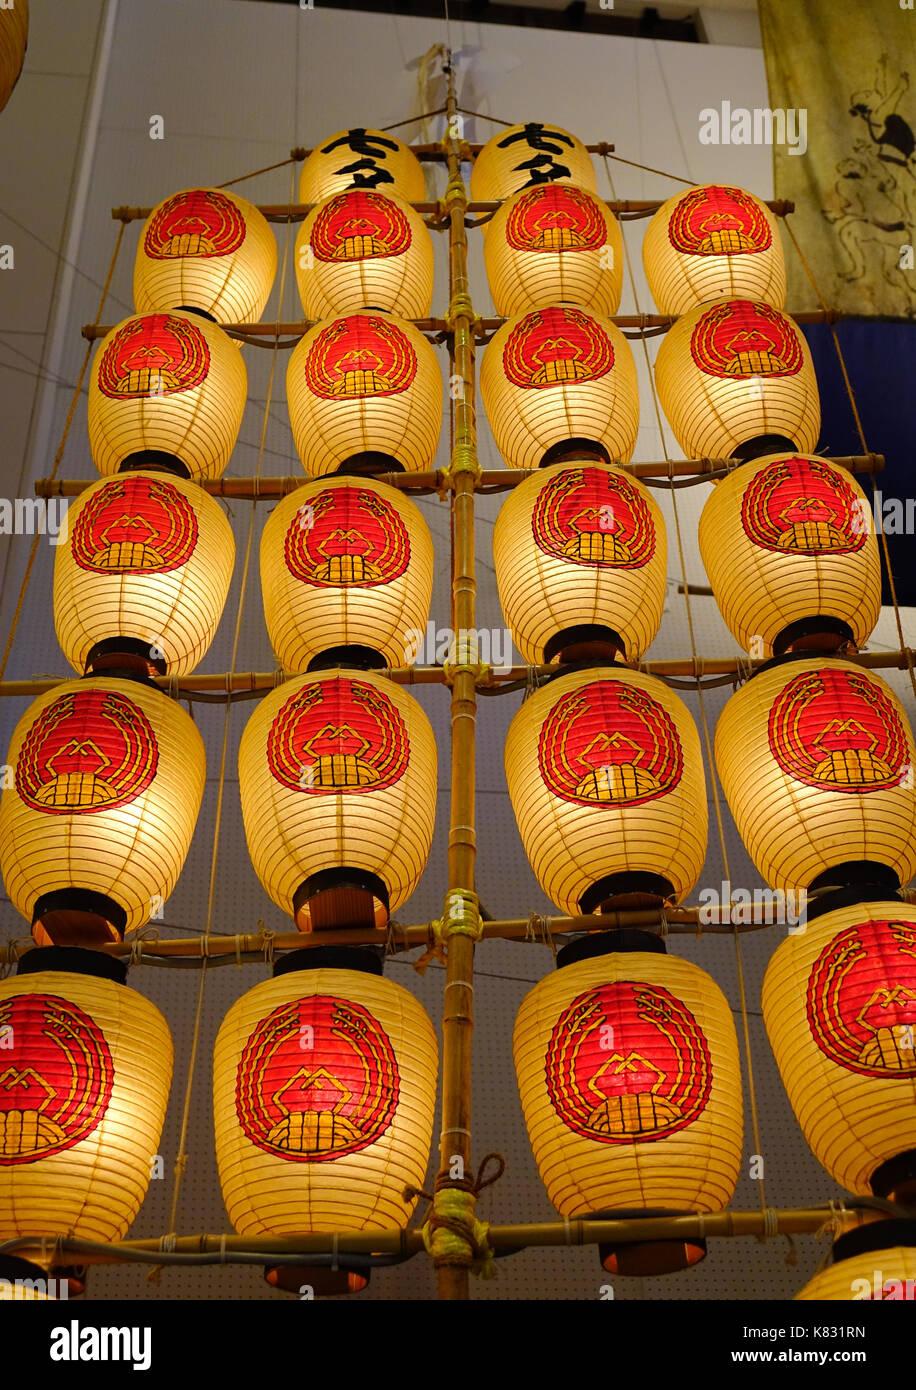 Akita, Japan - May 17, 2017. Kanto Lanterns at museum in Akita, Japan. Akita Kanto Festival Important Intangible Stock Photo